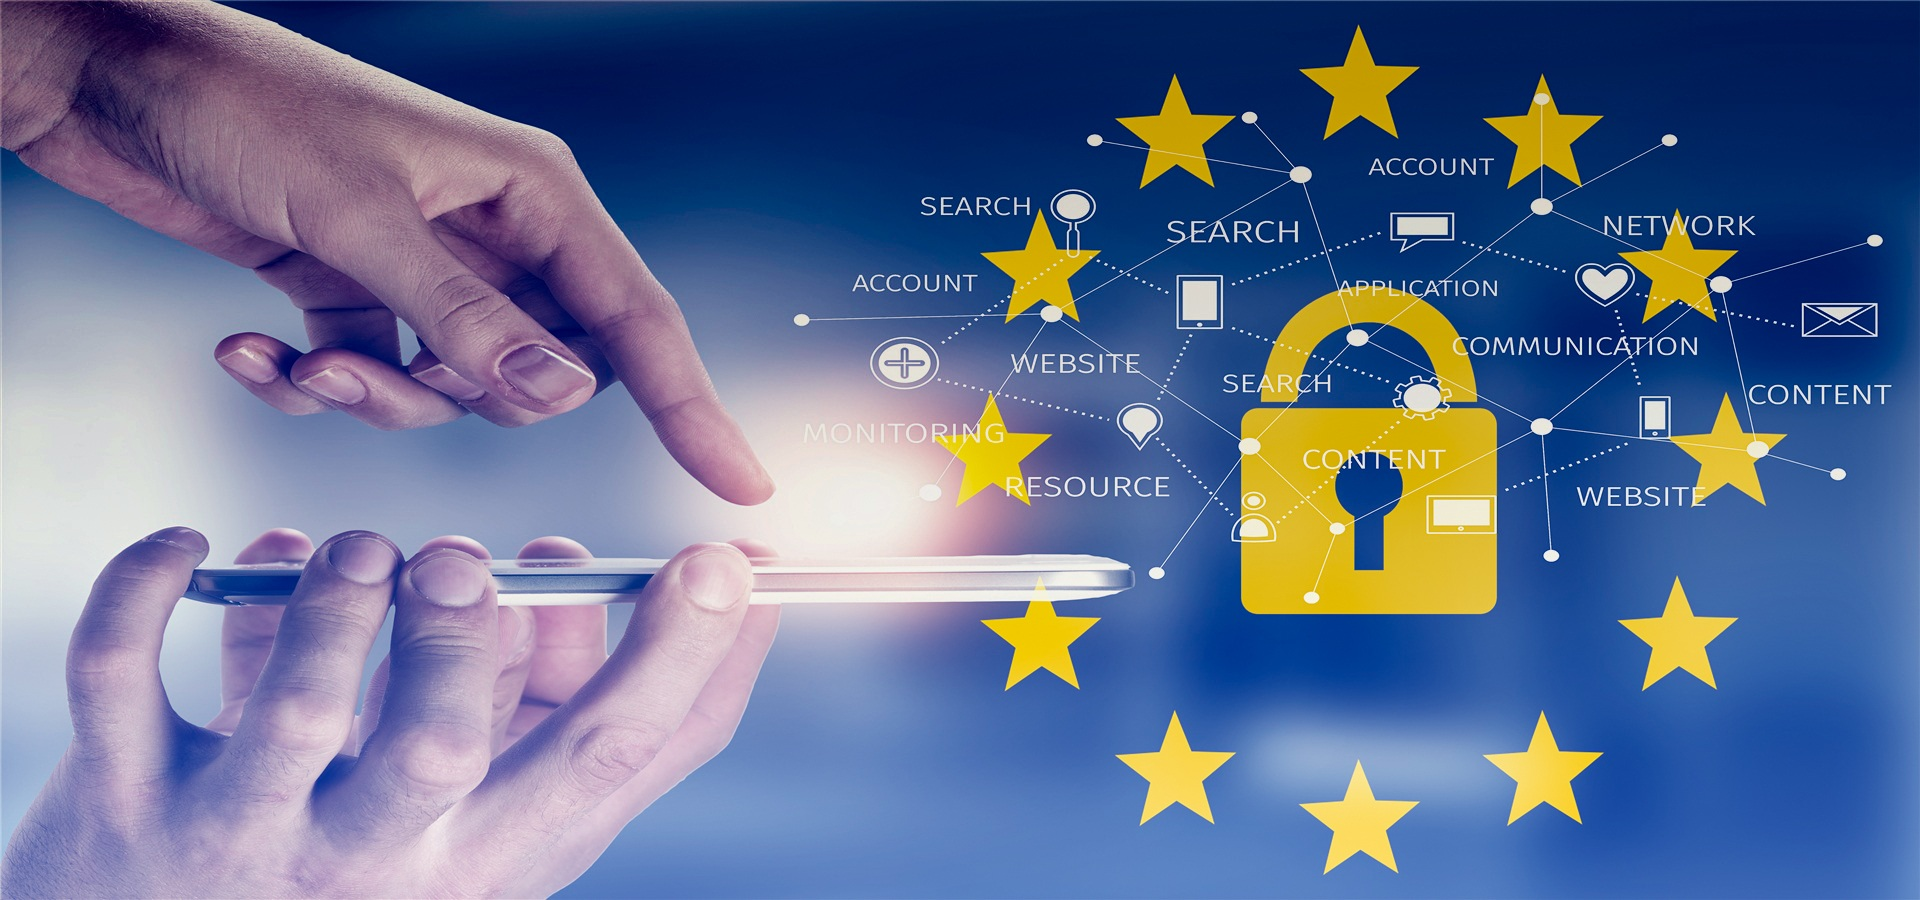 GDPR med mobil og nøkkelord om sikkerhet og personvern